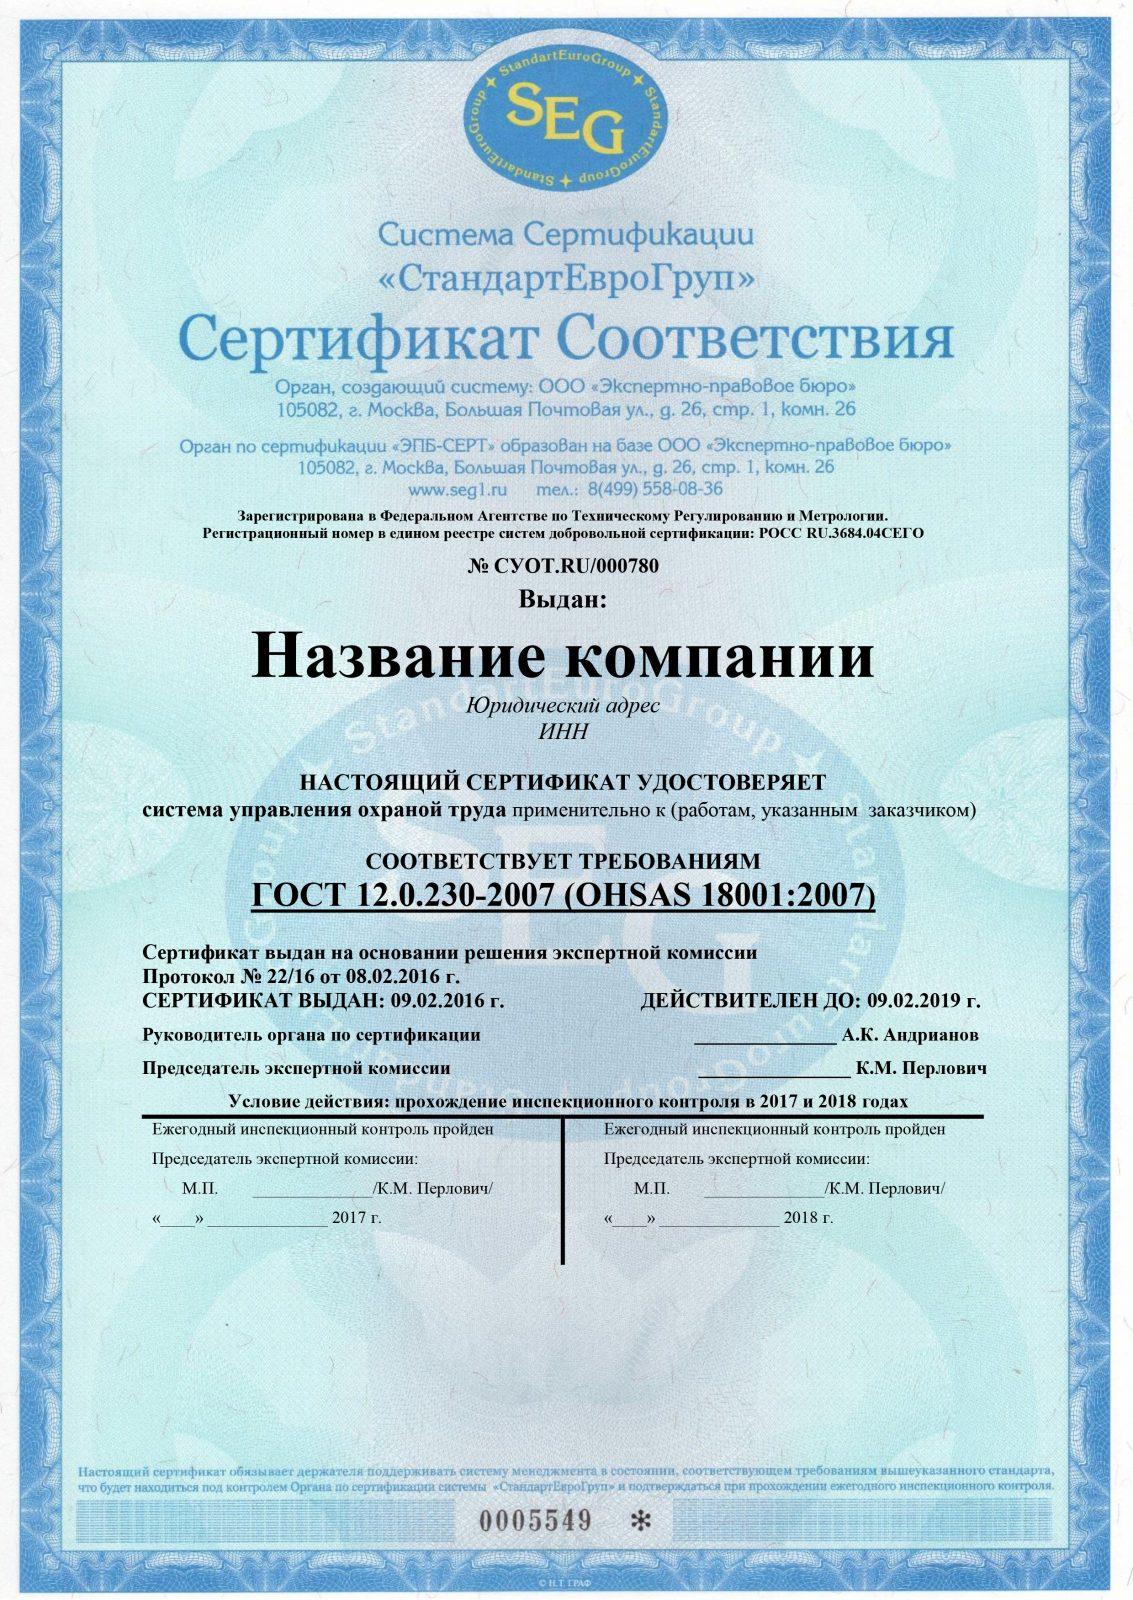 заказать Гост ИСО 14001 2017 в Лысьве